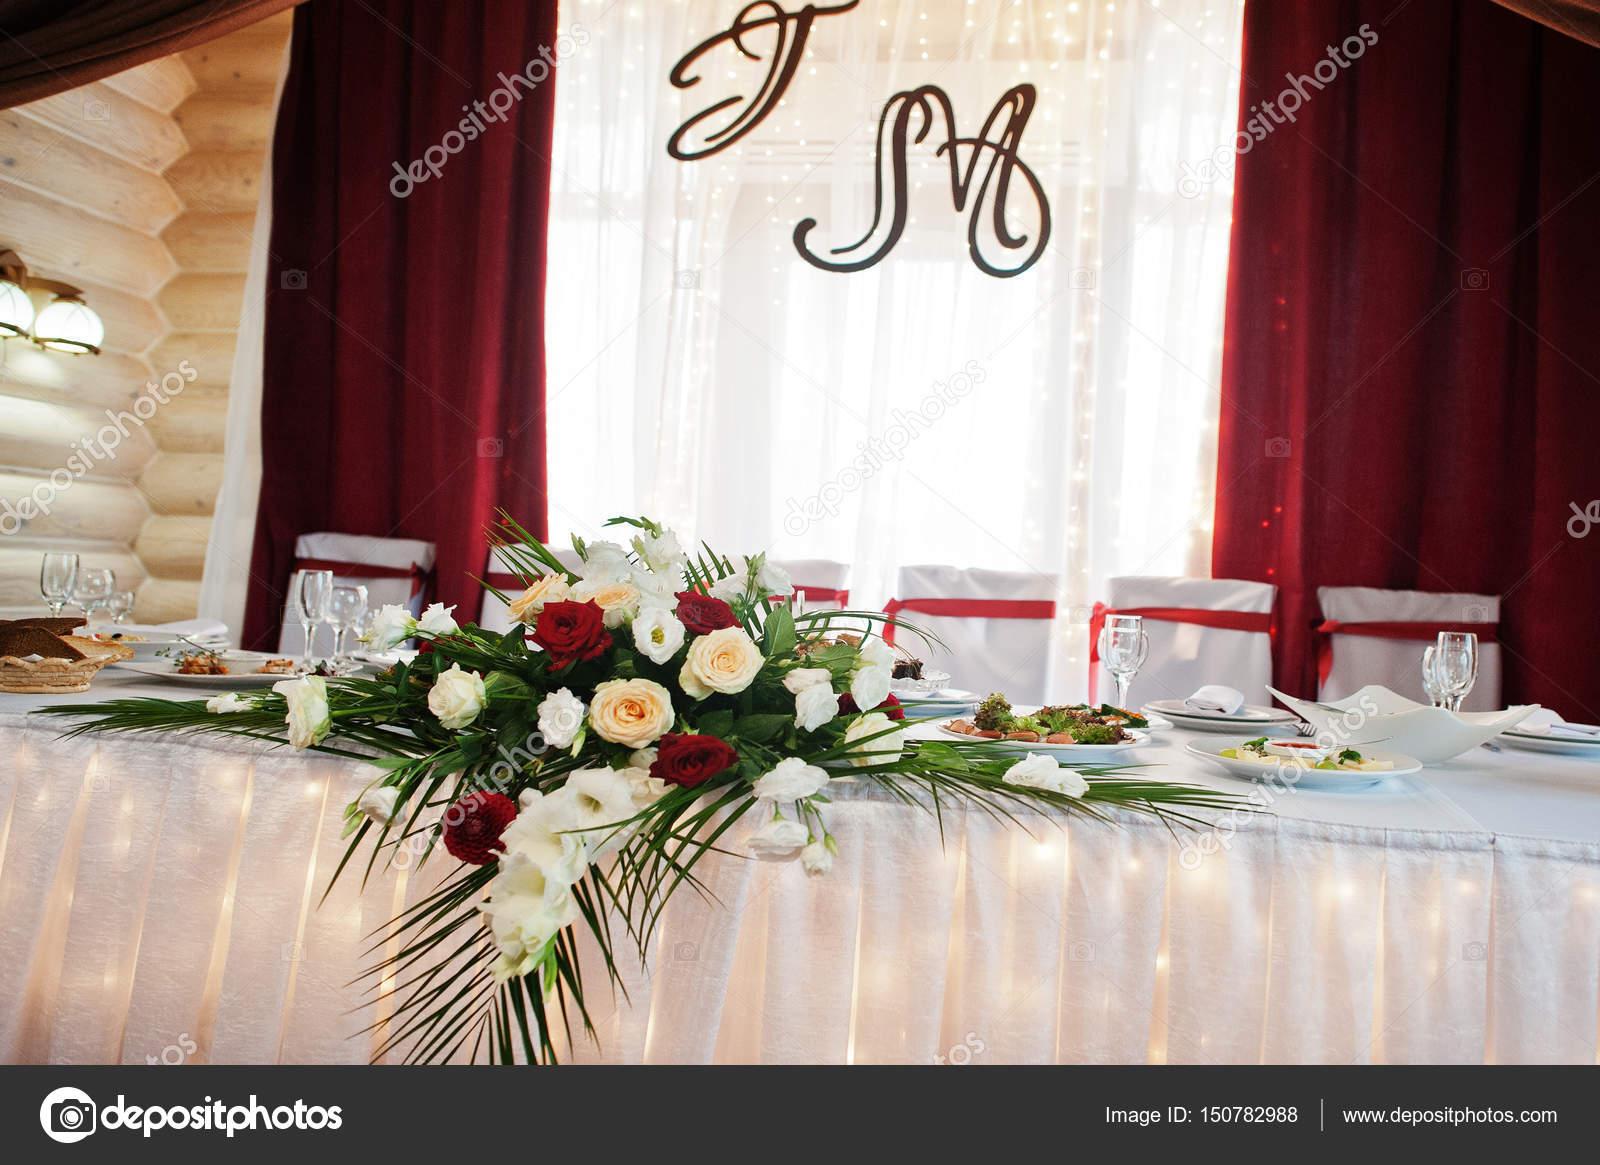 Hochzeitstisch Des Brautpaares Mit Dekoration Und Blumen Stockfoto